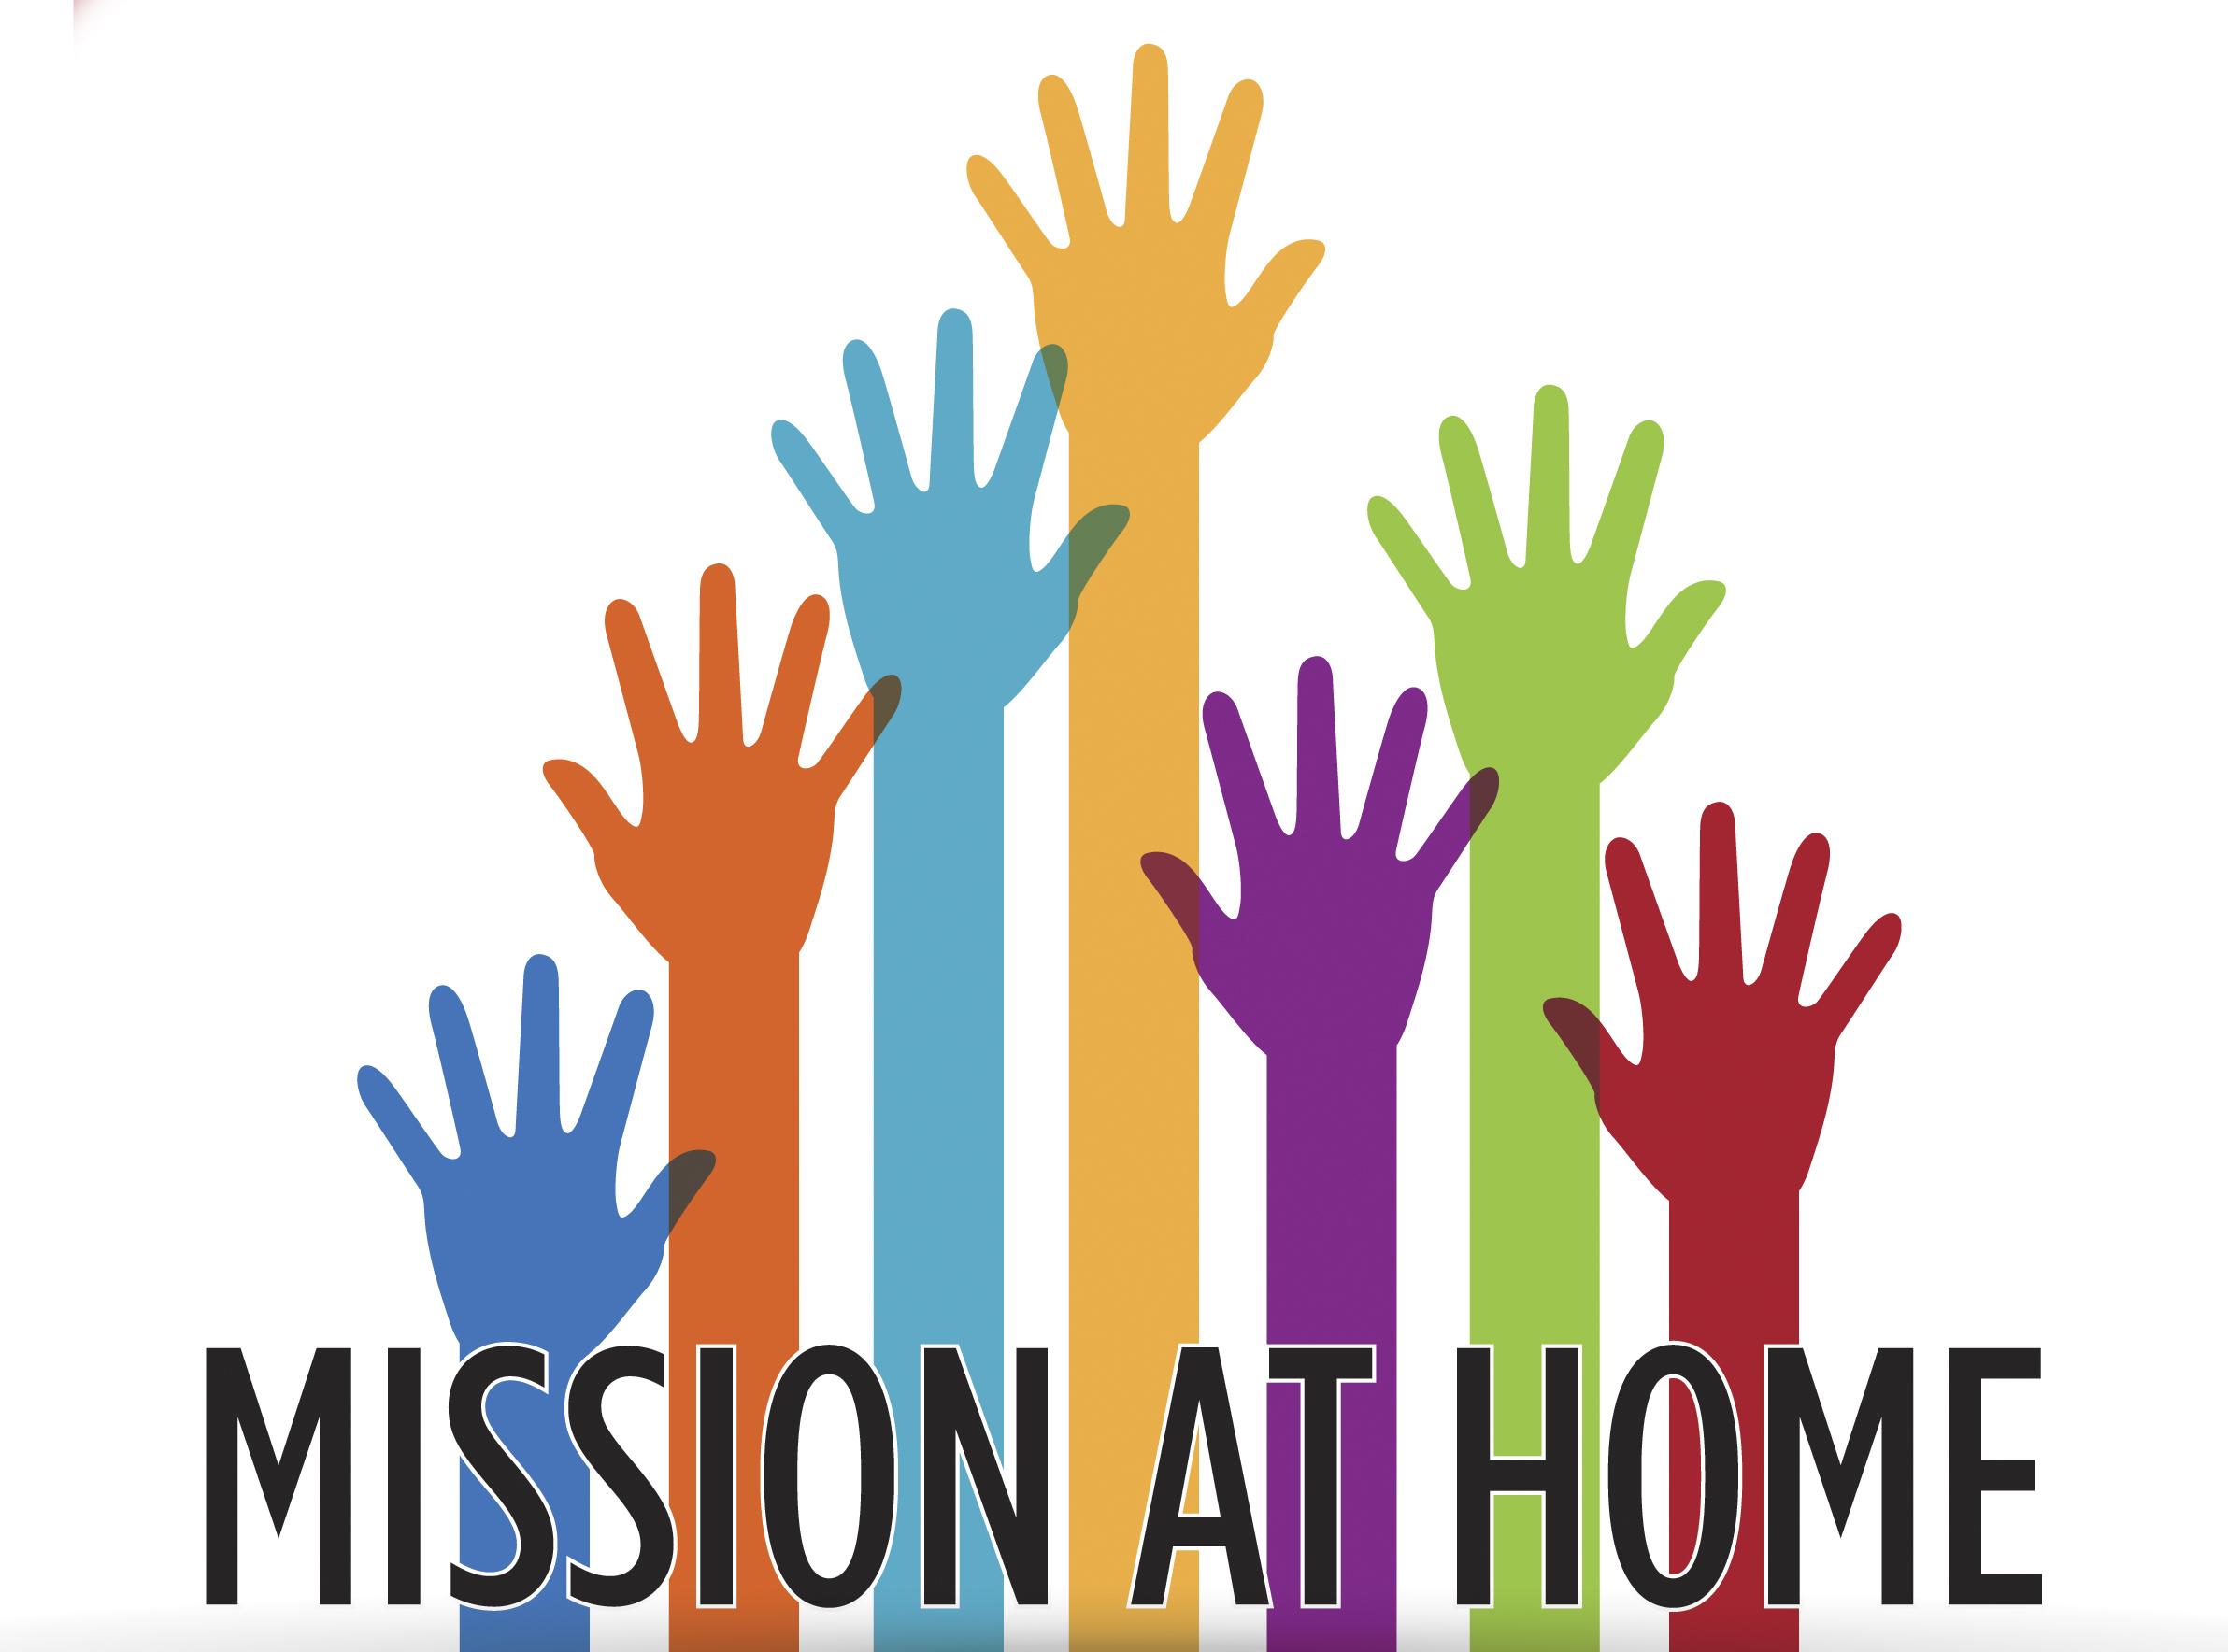 04_mission